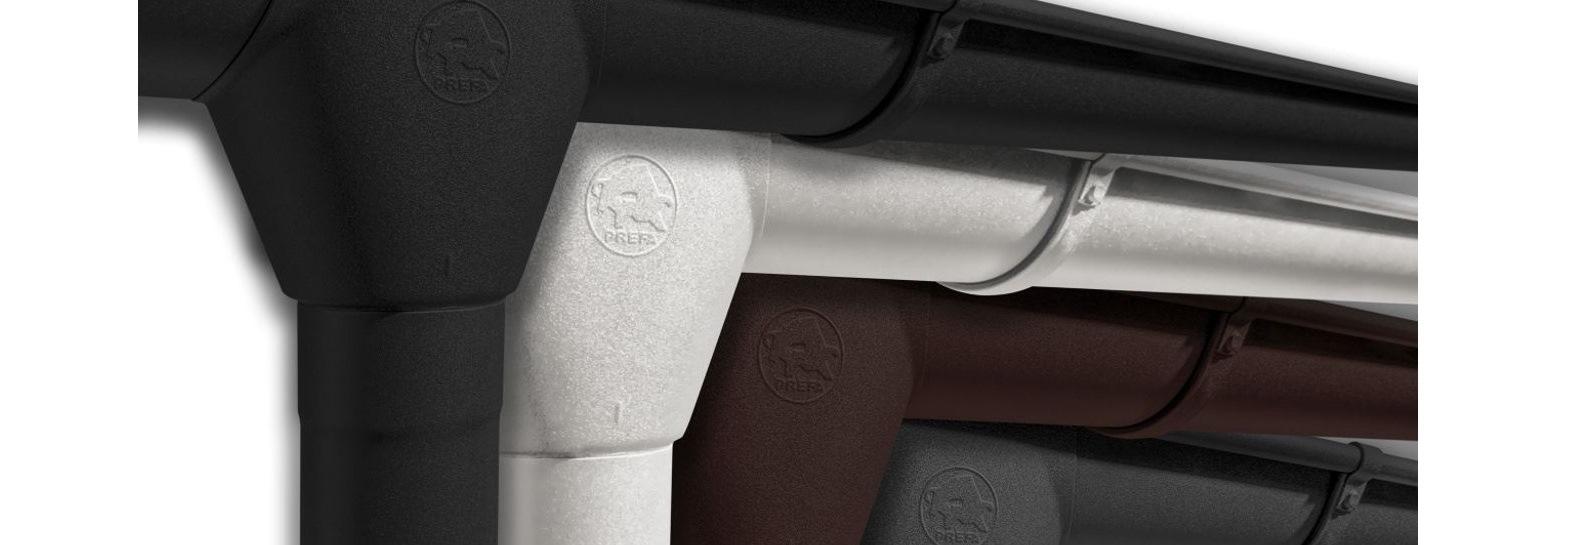 Новые цвета и продукты c покрытием P.10 от PREFA